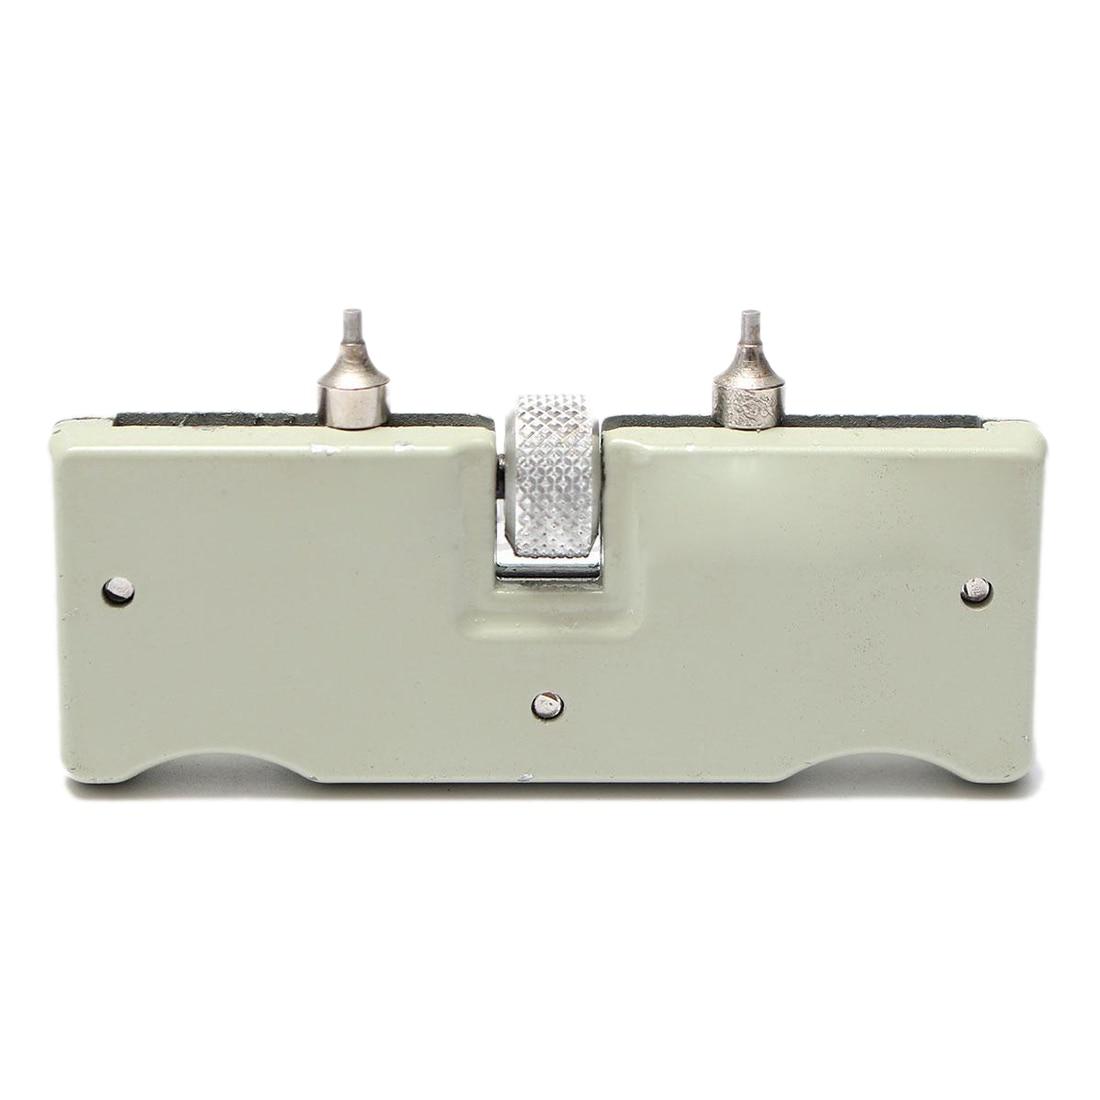 Регулируемая Смотреть Батарея изменить обложка чехол открывалка винт Гаечные ключи tool kit